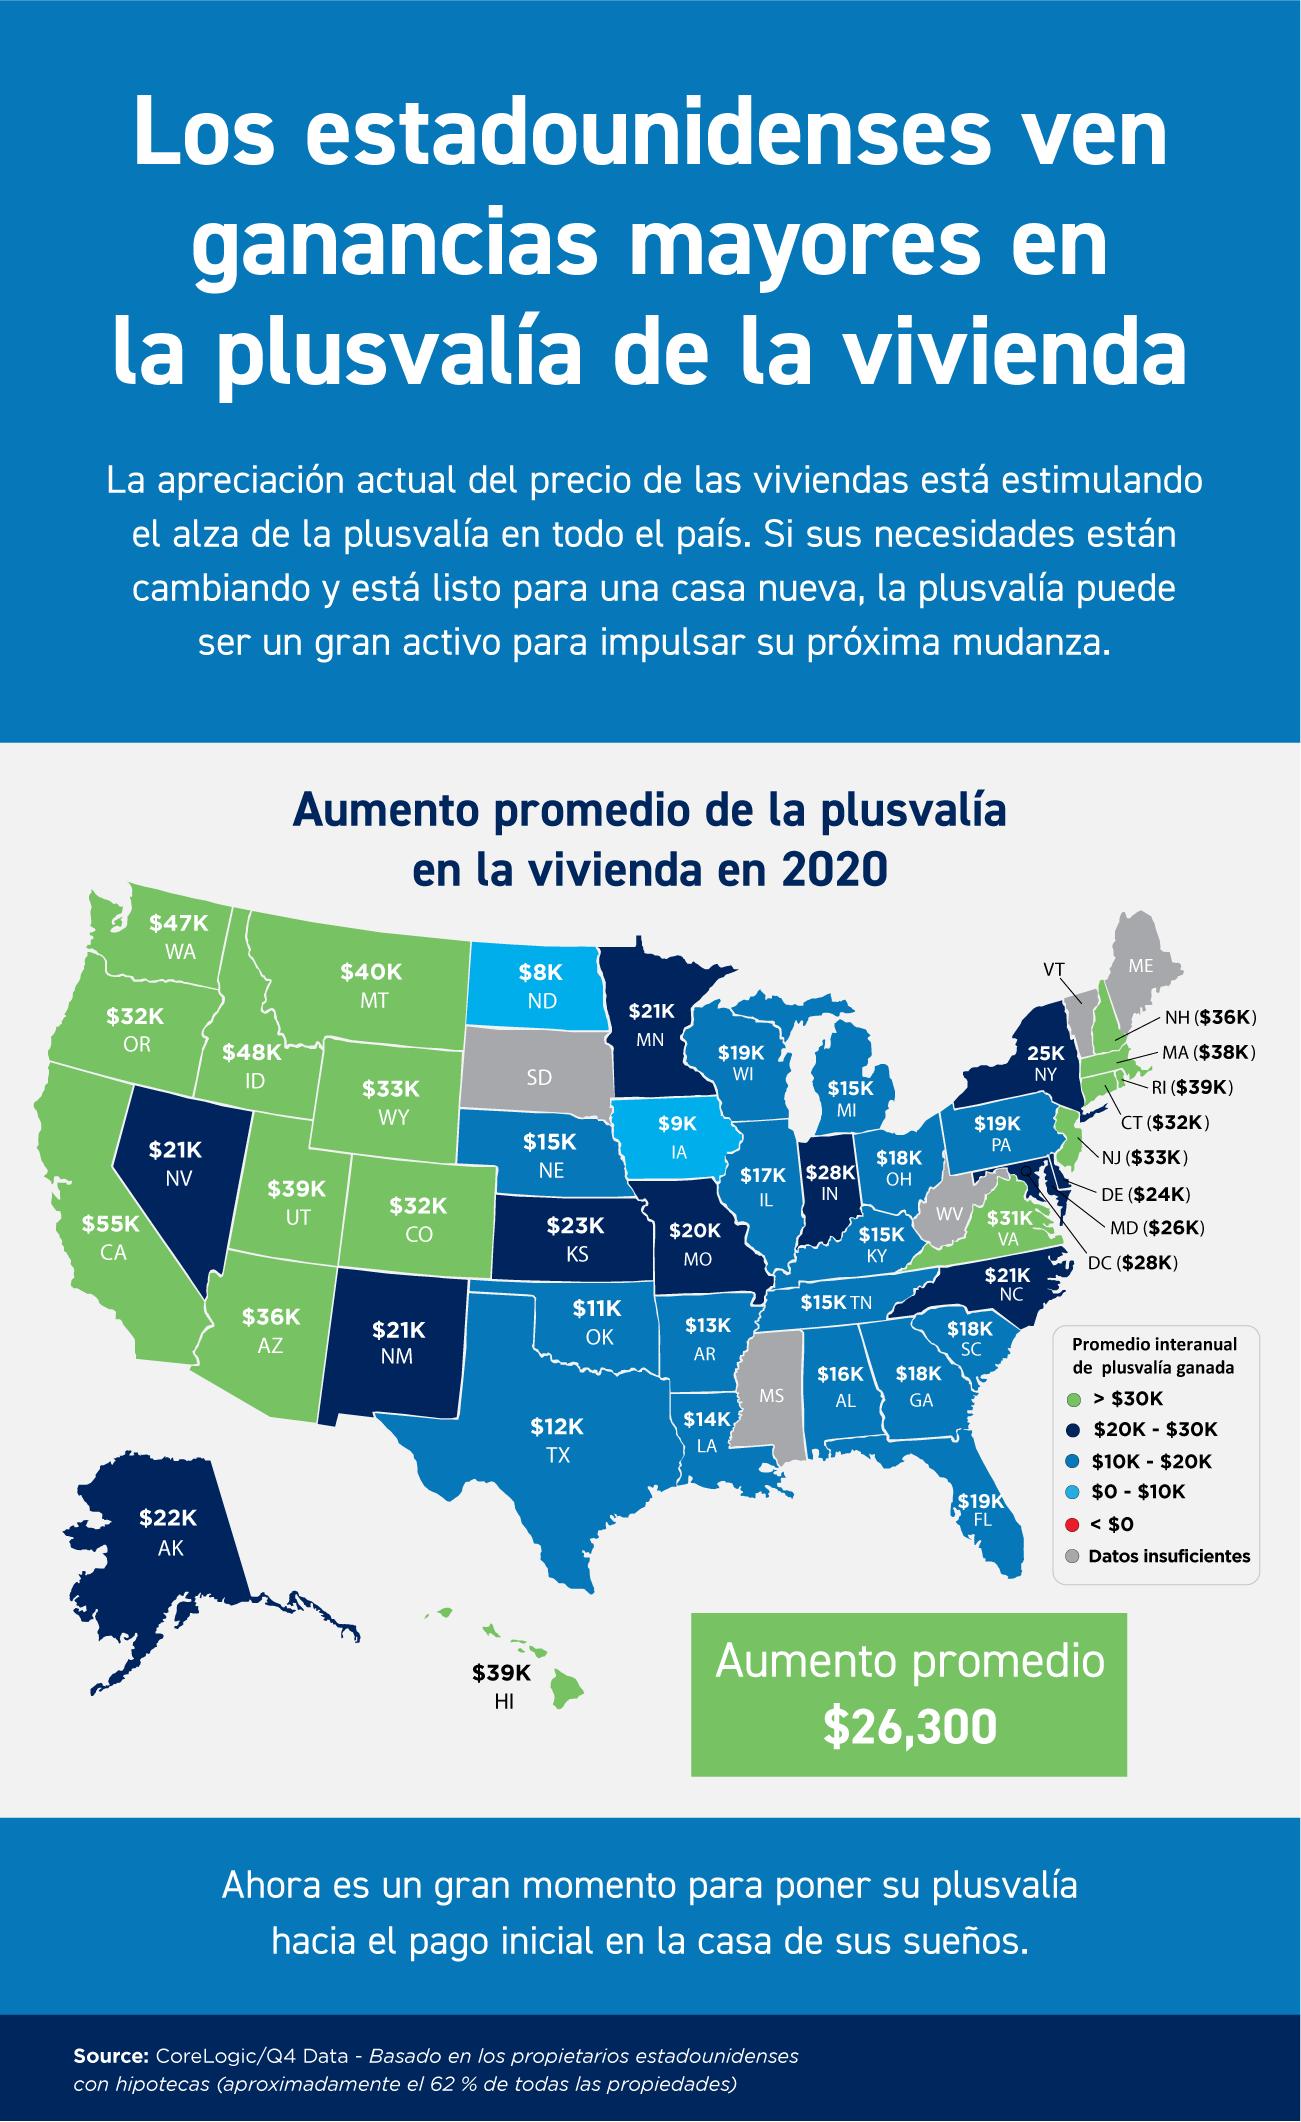 Los estadounidenses ven ganancias mayores en la plusvalía de la vivienda [Infografía] | Simplifying The Market